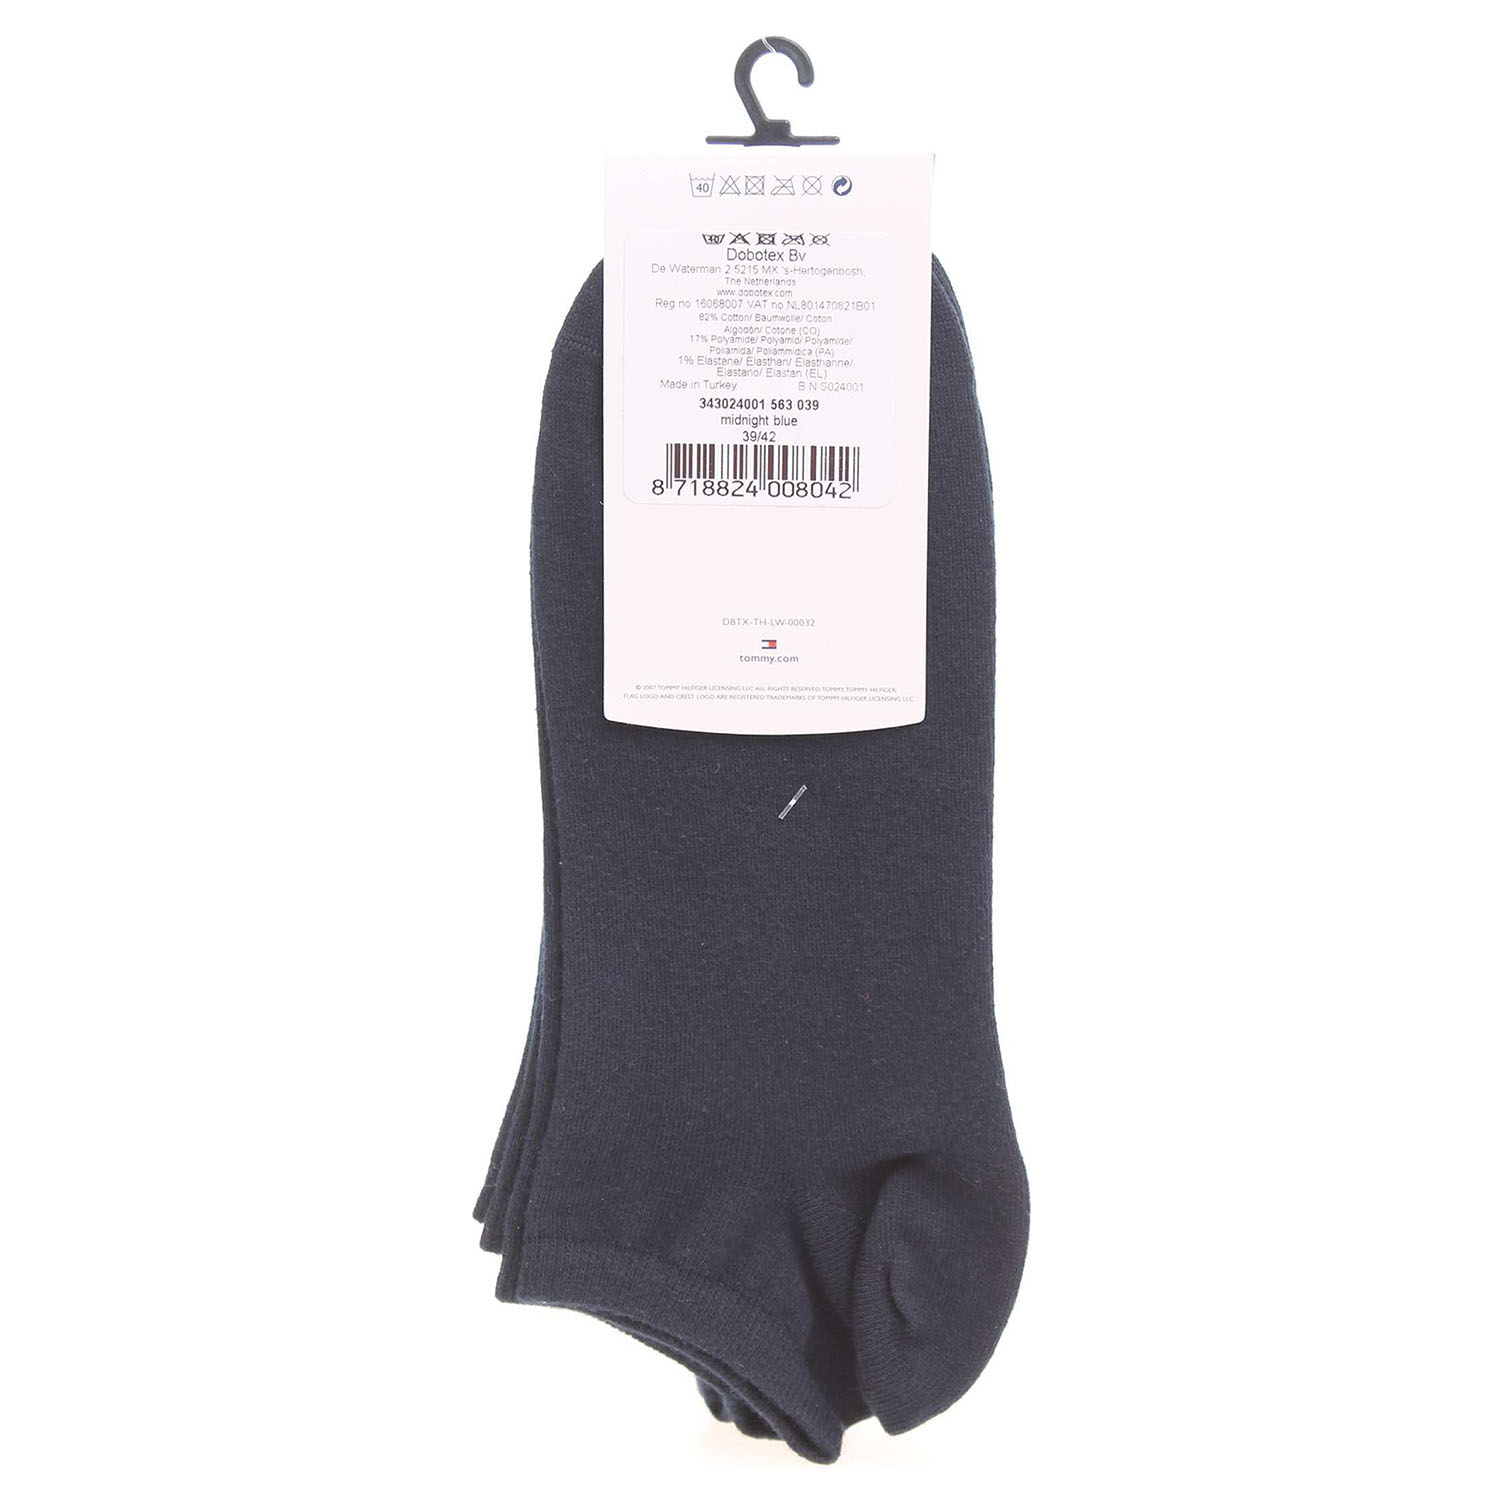 Ecco Tommy Hilfiger dámské ponožky 343024001 modré 13201999